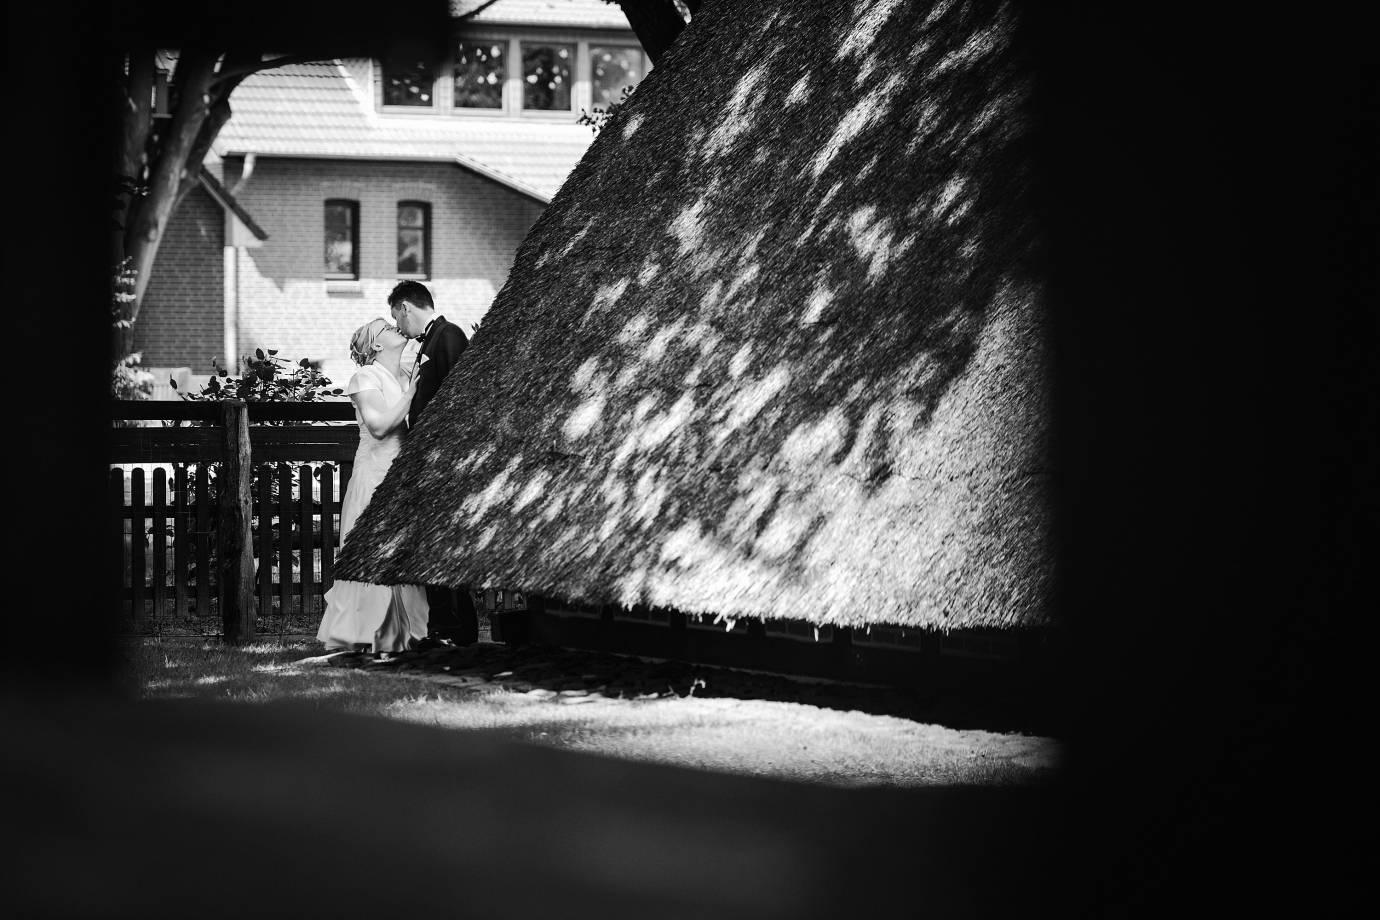 hochzeitsfotograf hambergen 054 - Iris+Sascha